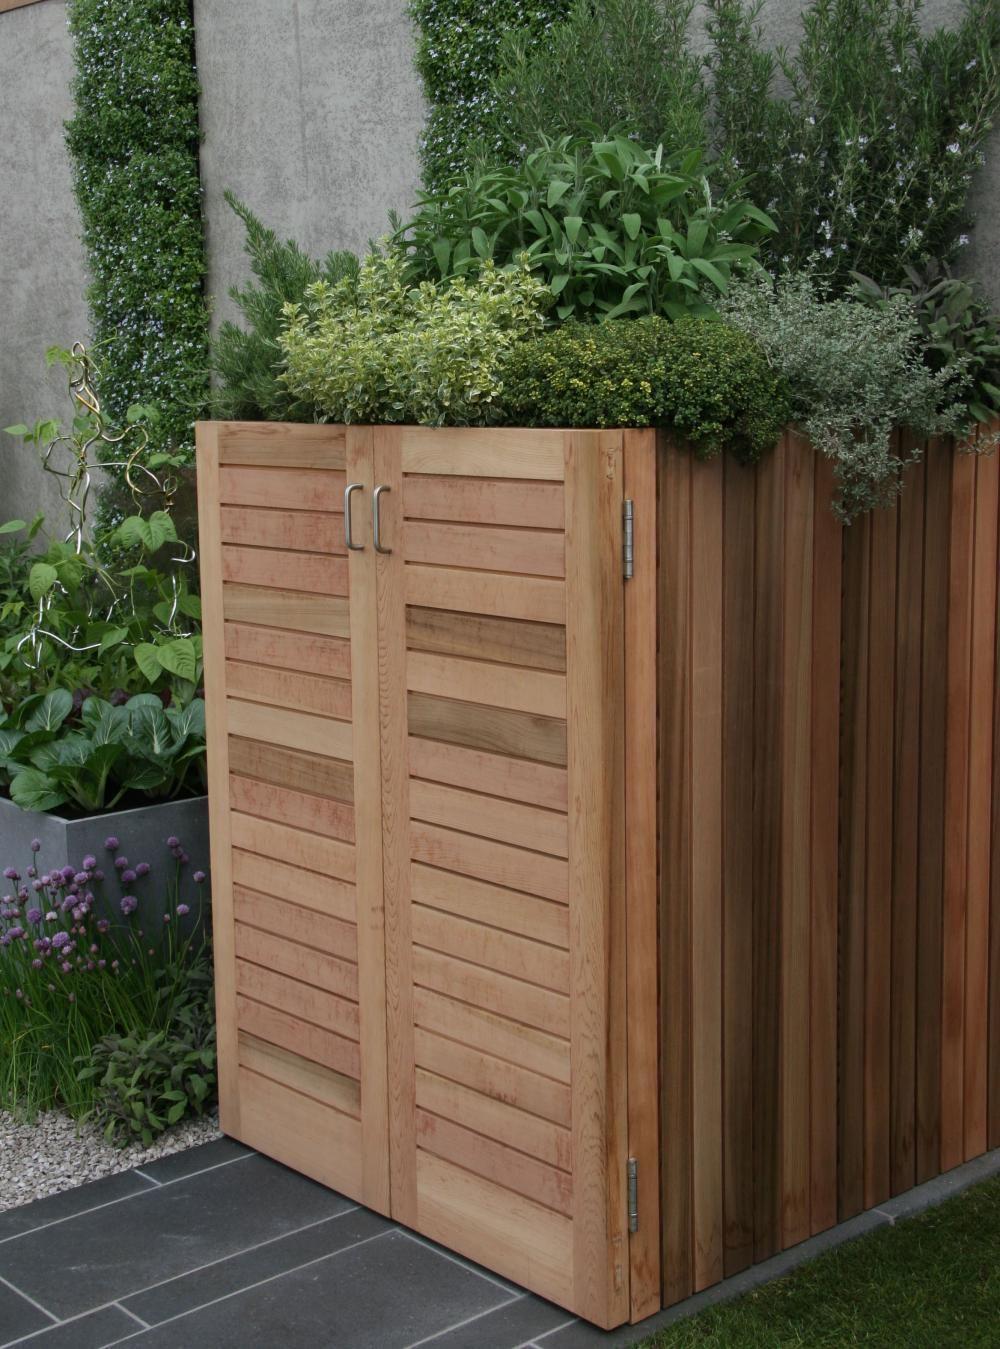 Lösungen Für Mülltonnen 10 lösungen für schwierige gartenecken | living | pinterest | garden